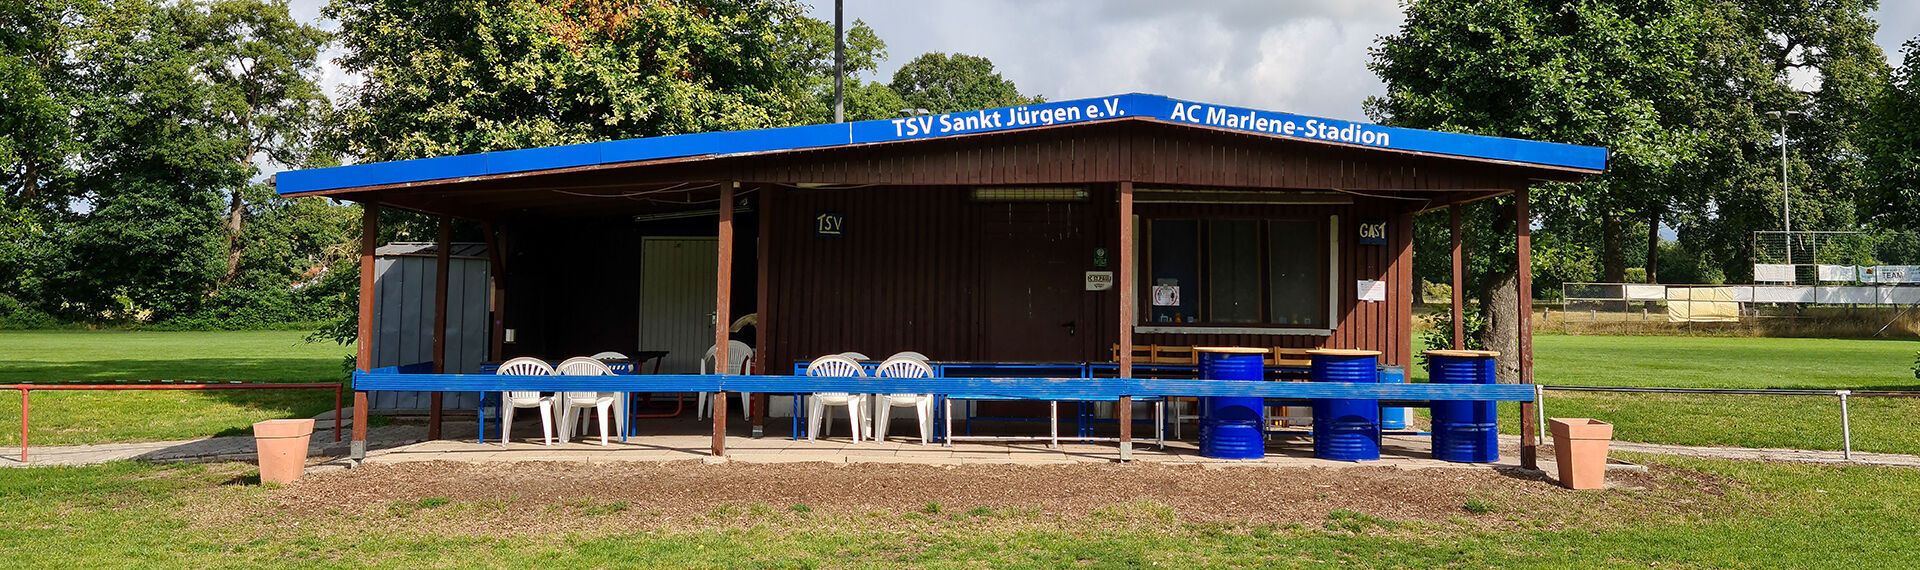 TSV Sportplatz Kleinmoor Vereinsheim